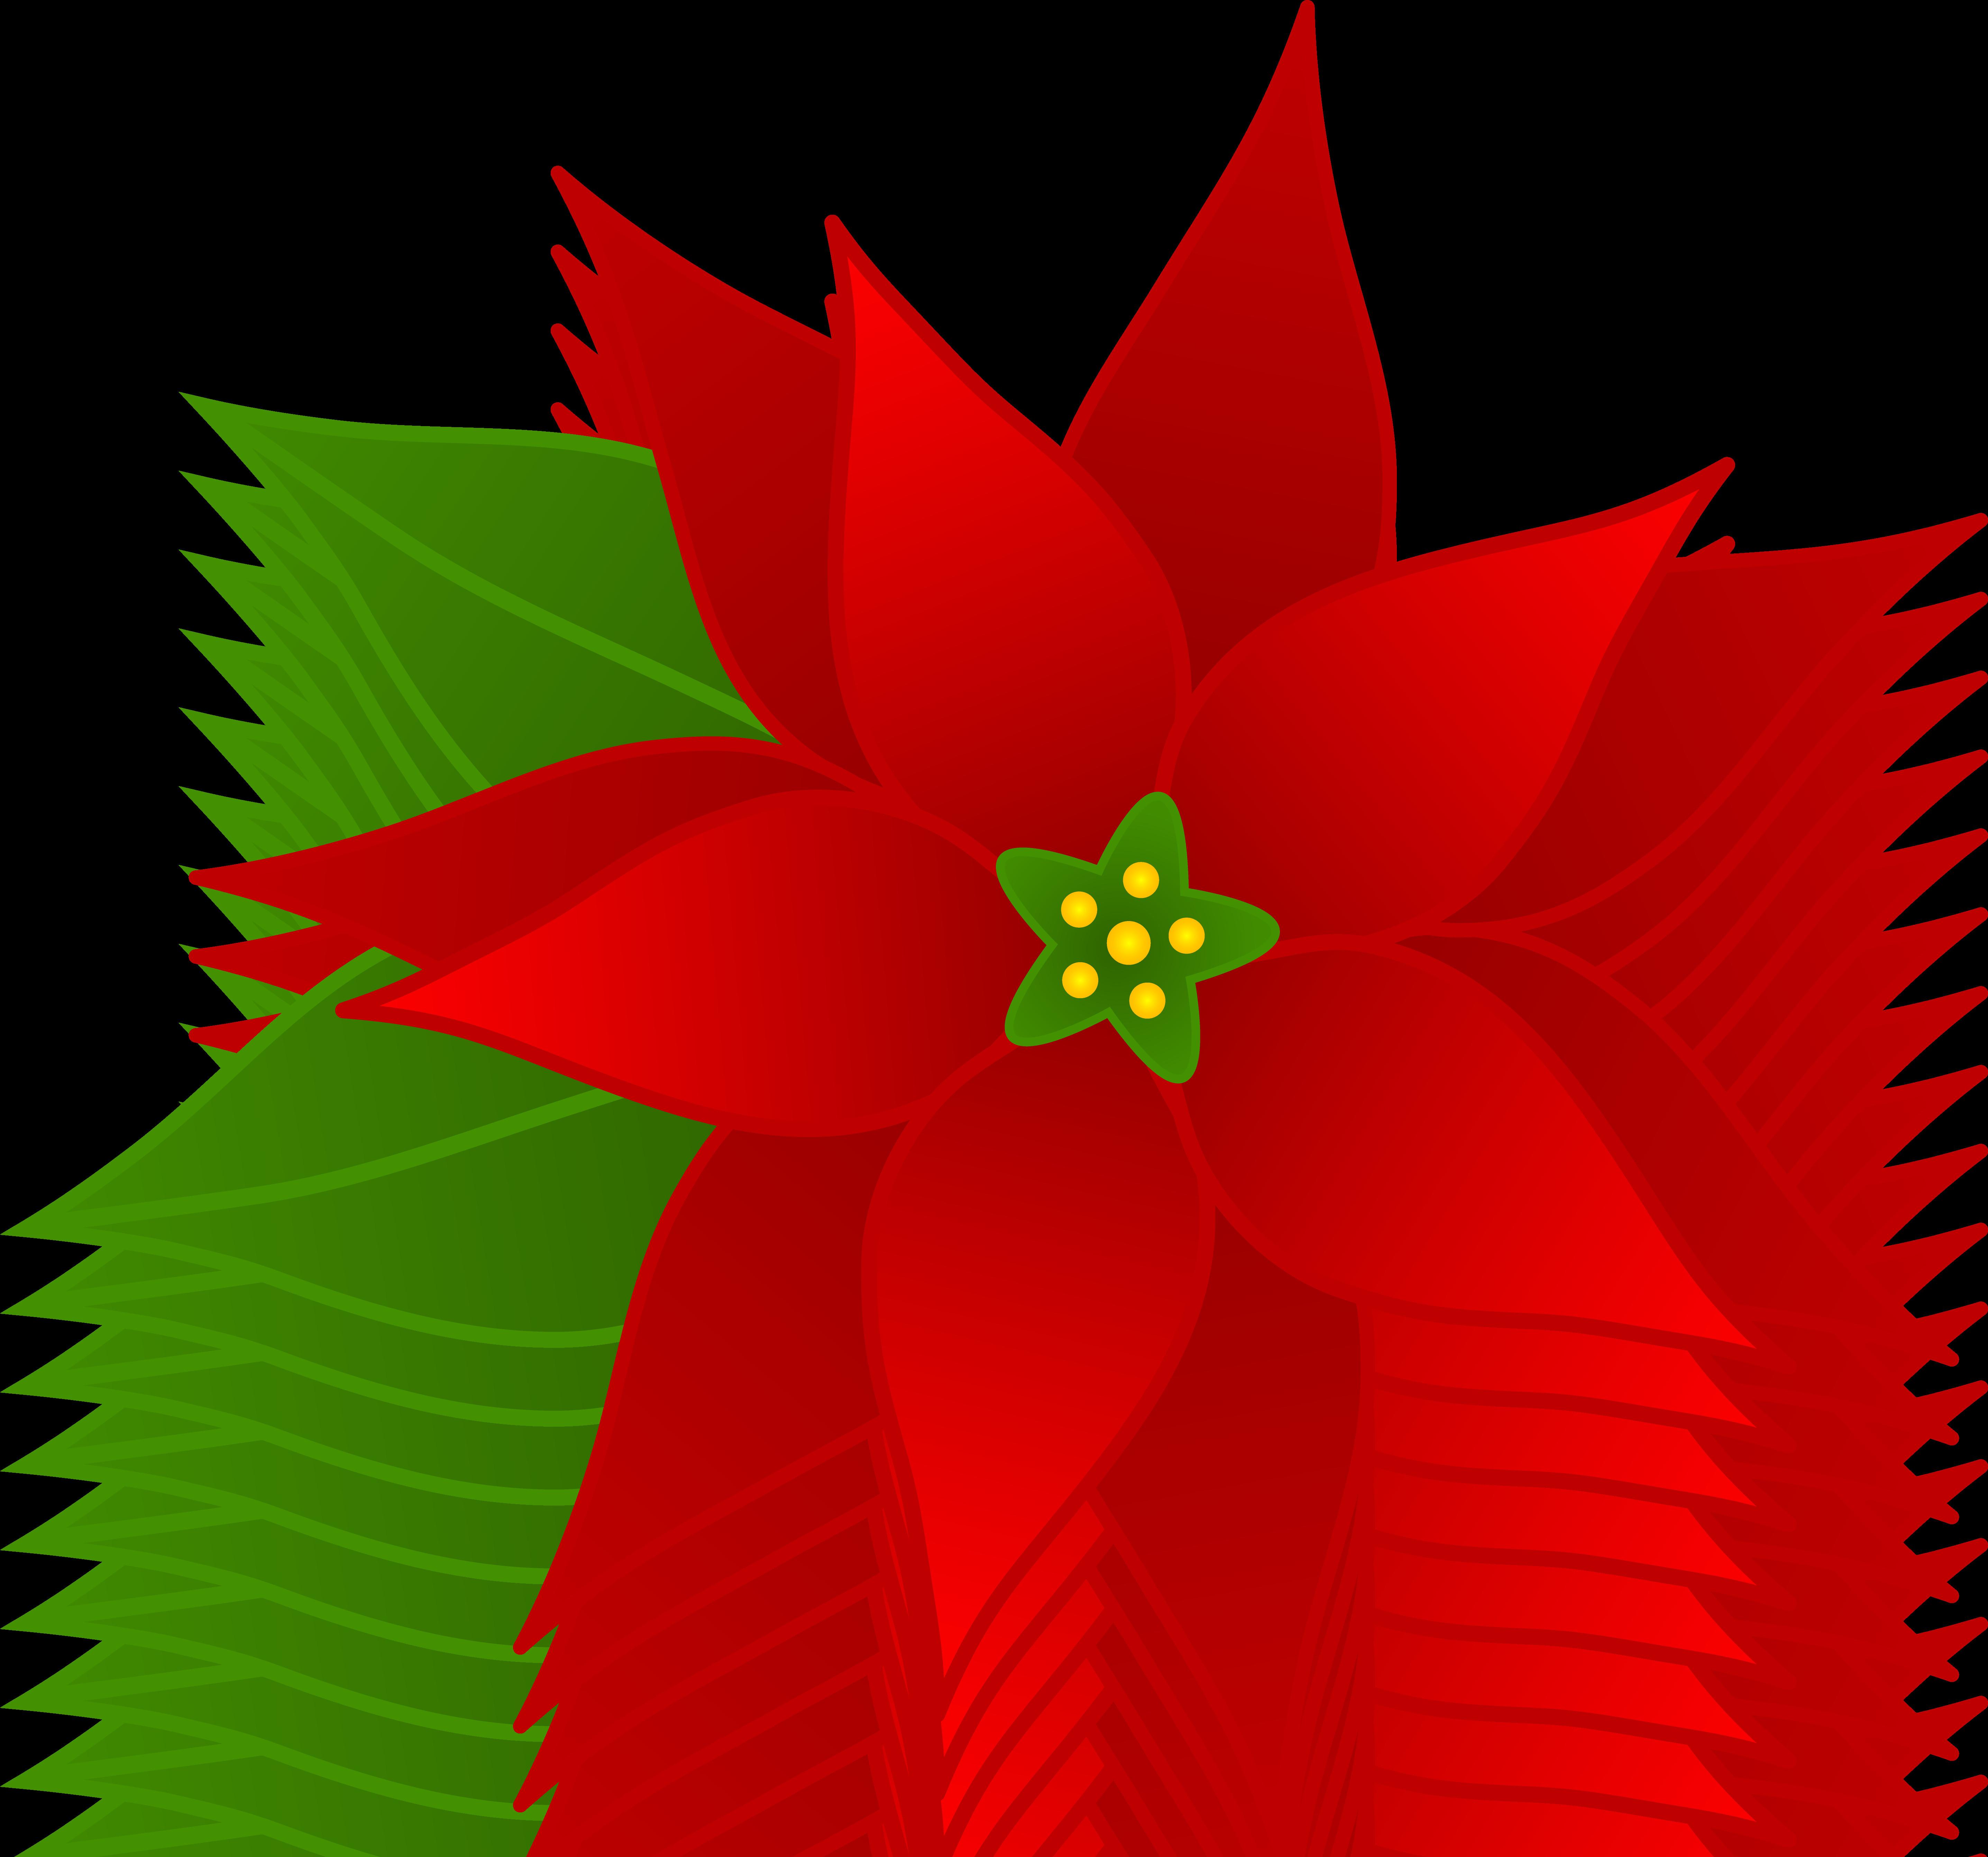 Christmas Flower Images  Christmas Poinsettia Flower Free Clip Art